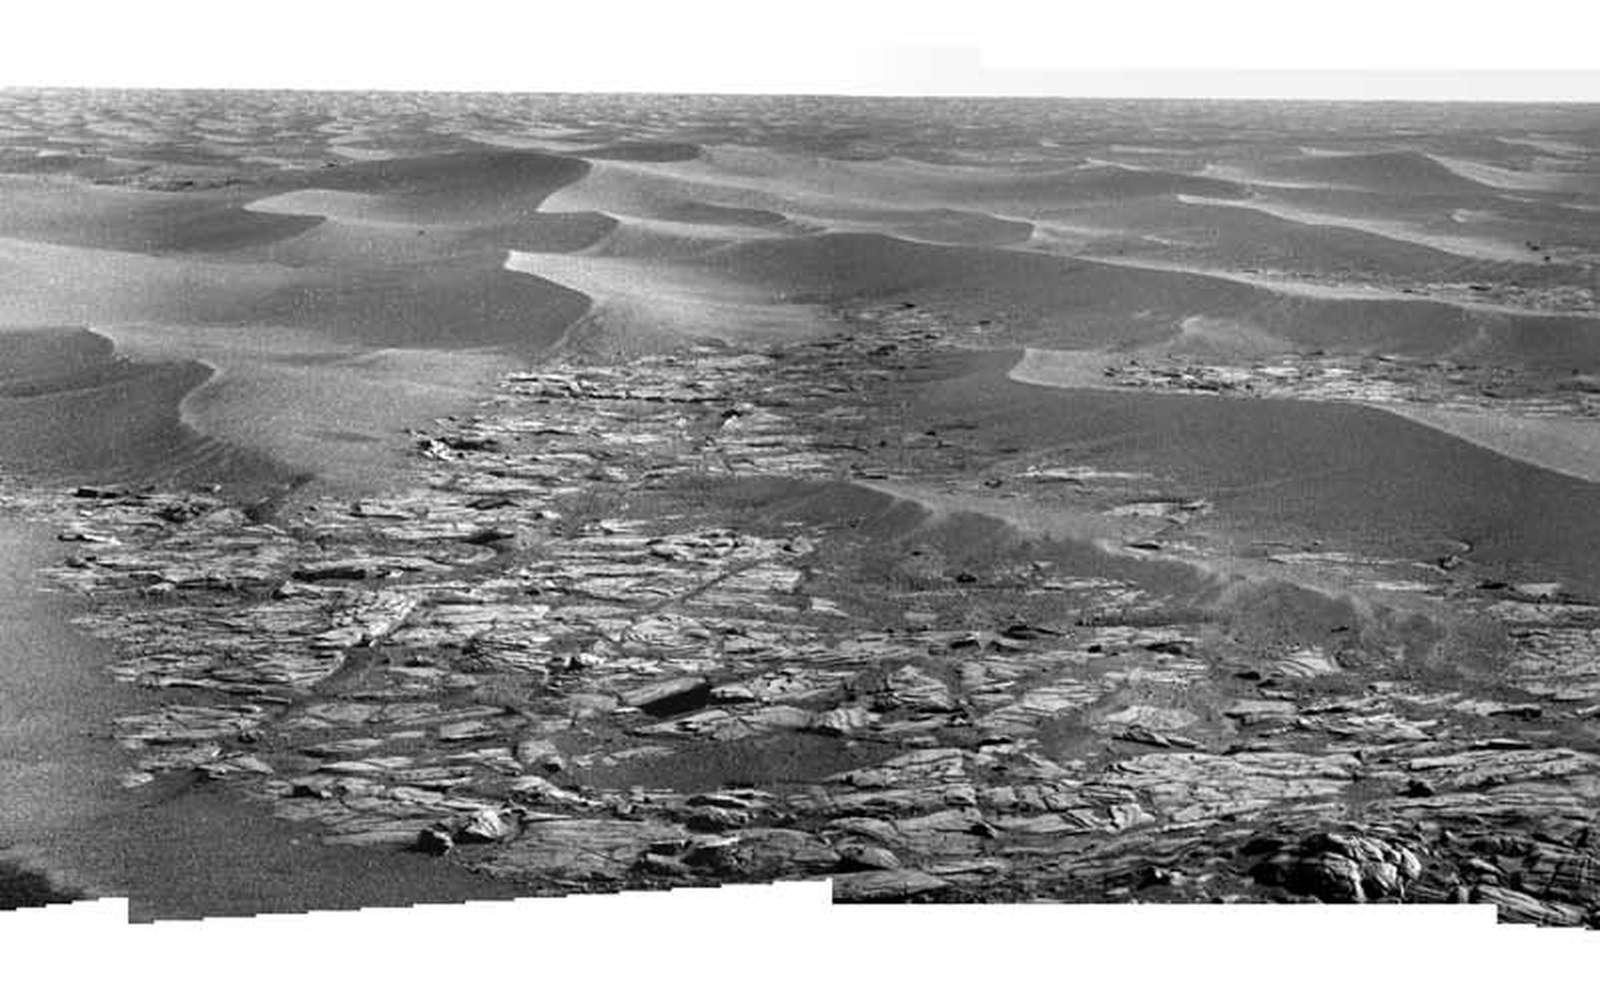 Vue mosaïque (quatre images) du paysage photographié par Opportunity au Sol 1783, au moment précis où MRO survolait le rover. Crédit Nasa – Montage Futura-Sciences